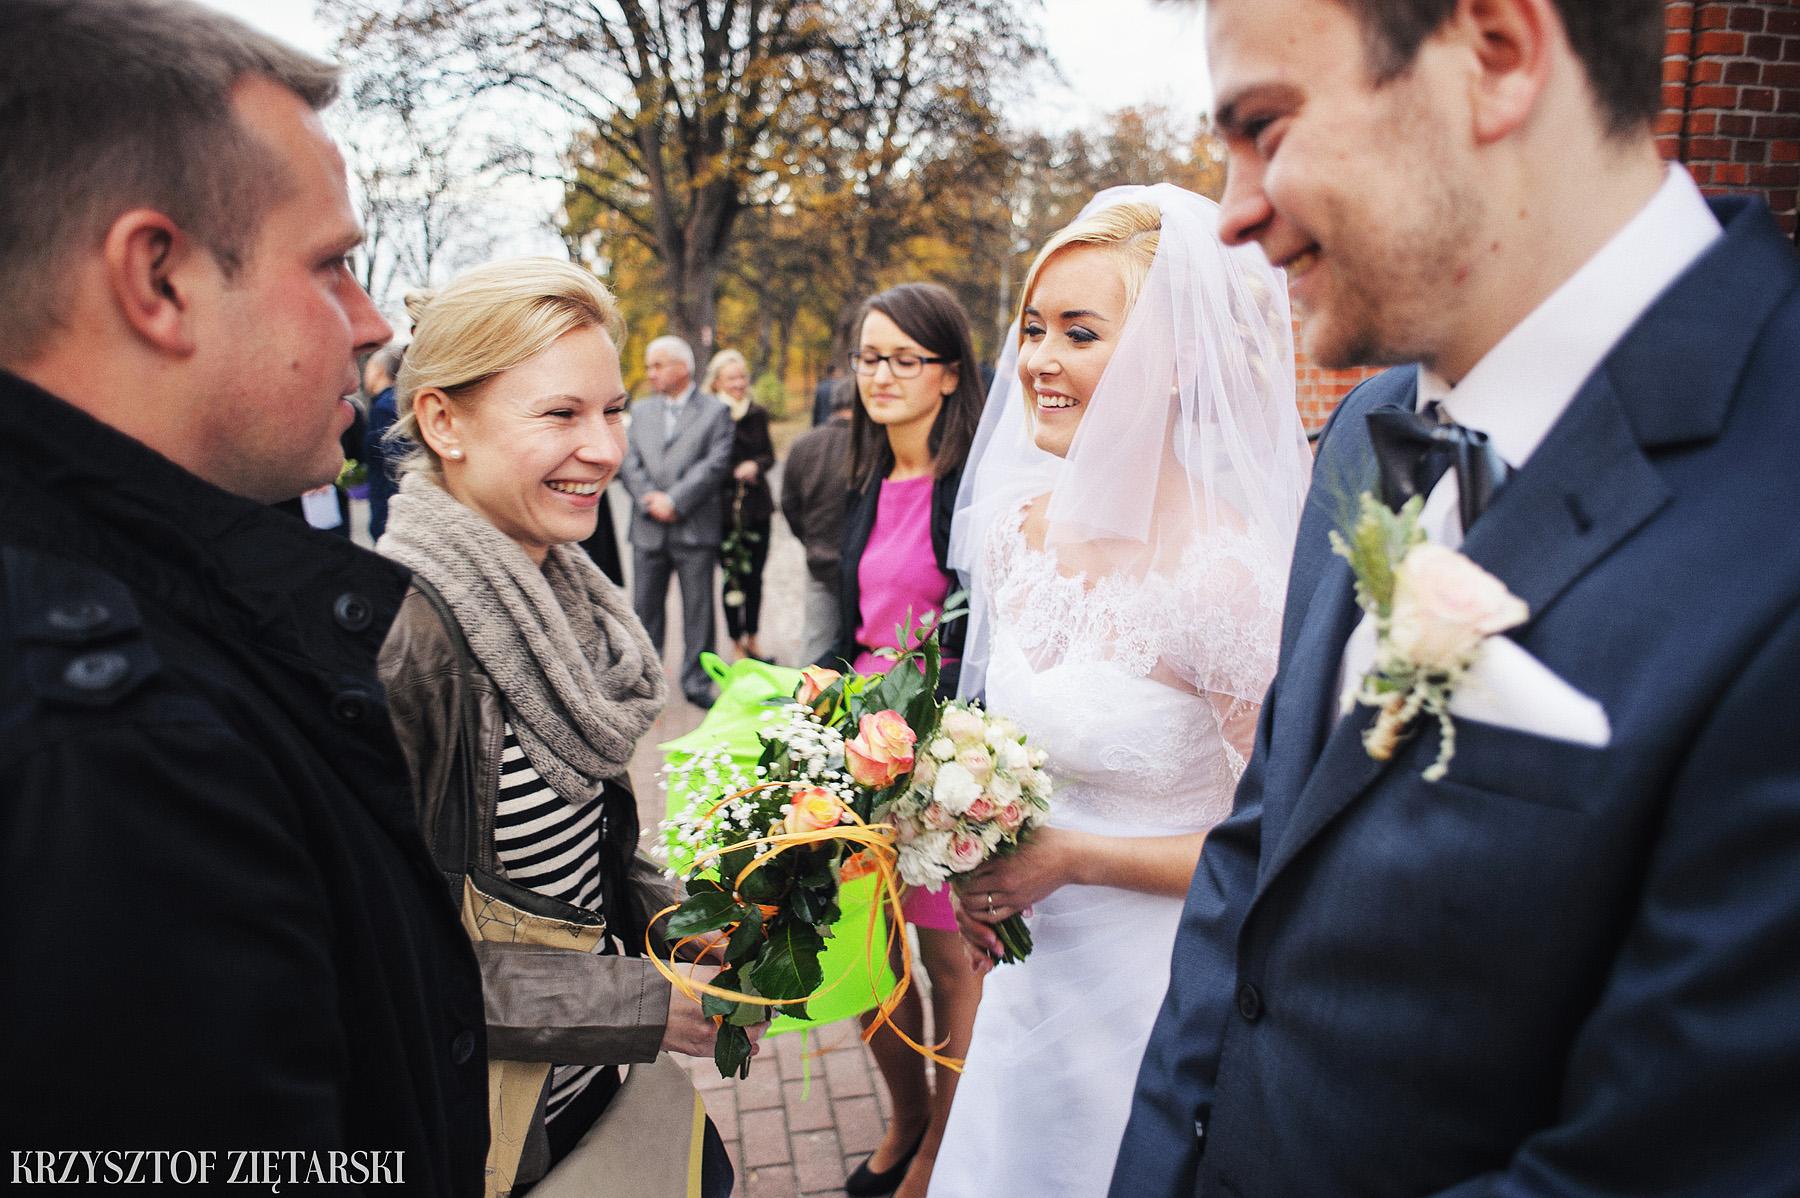 Agnieszka i Jacek - Fotografia ślubna Słupsk, kościół NSJ, wesele Gościniec Młyn Słupski, plener ślubny w Gdyni - 27.